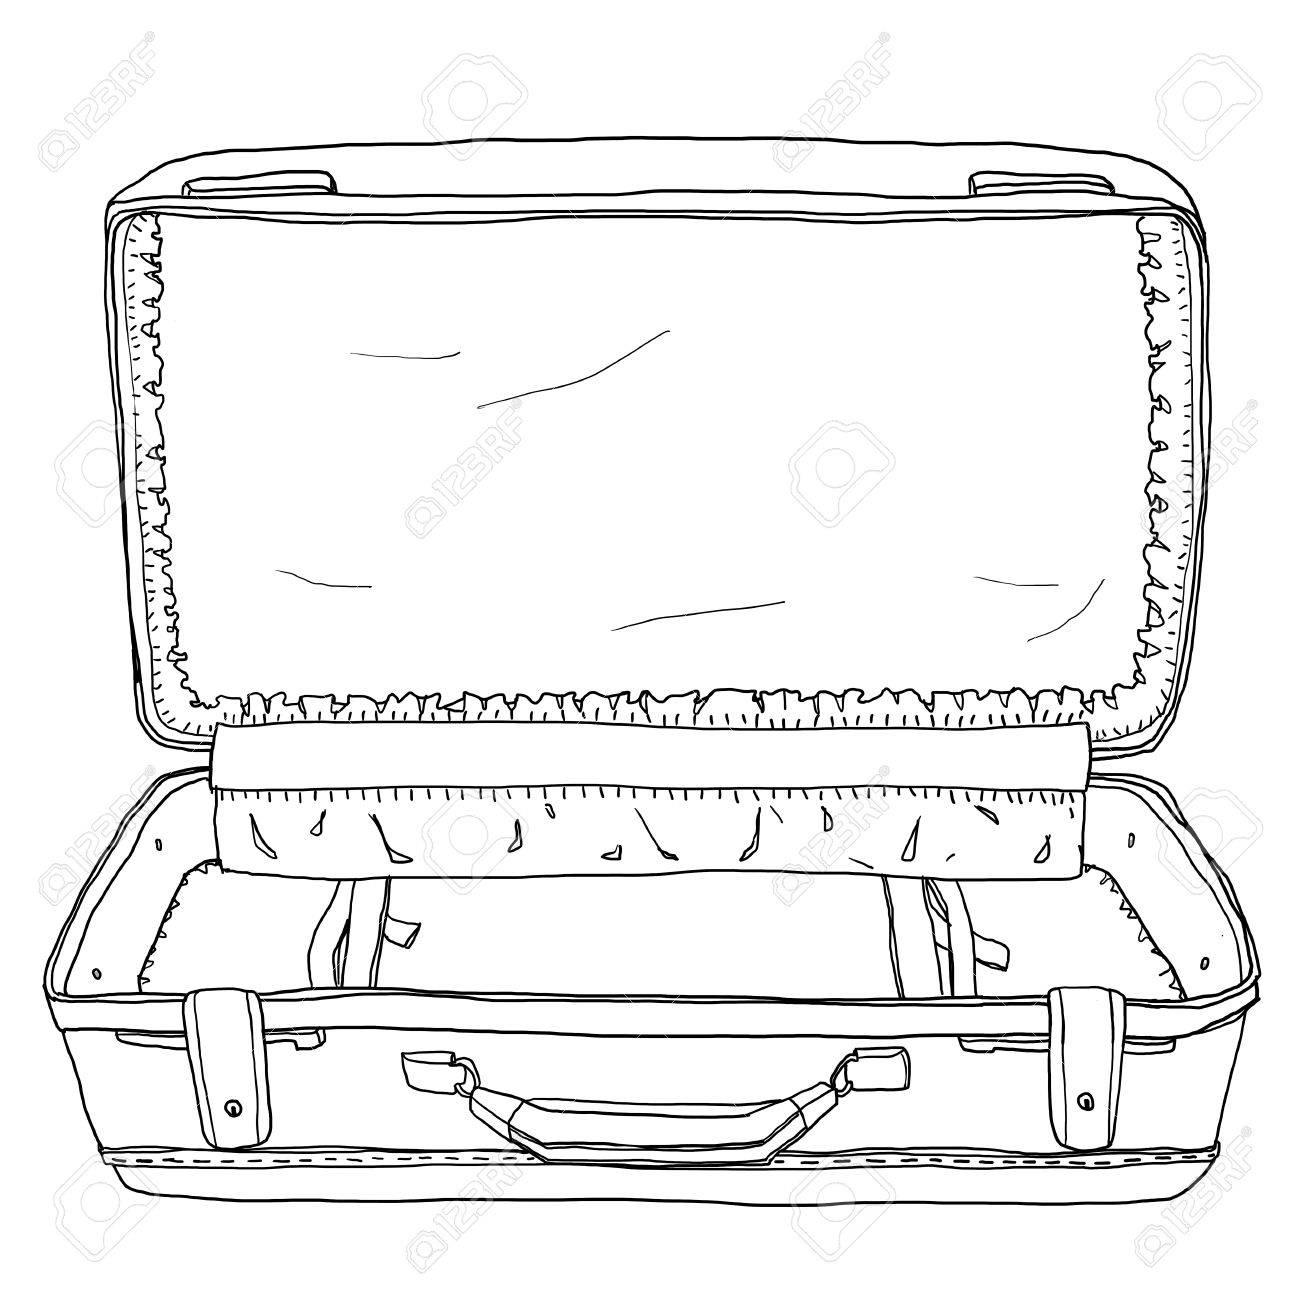 Immagini Stock Rosso Vintage Bagagli Valigie Aperta è Vuota